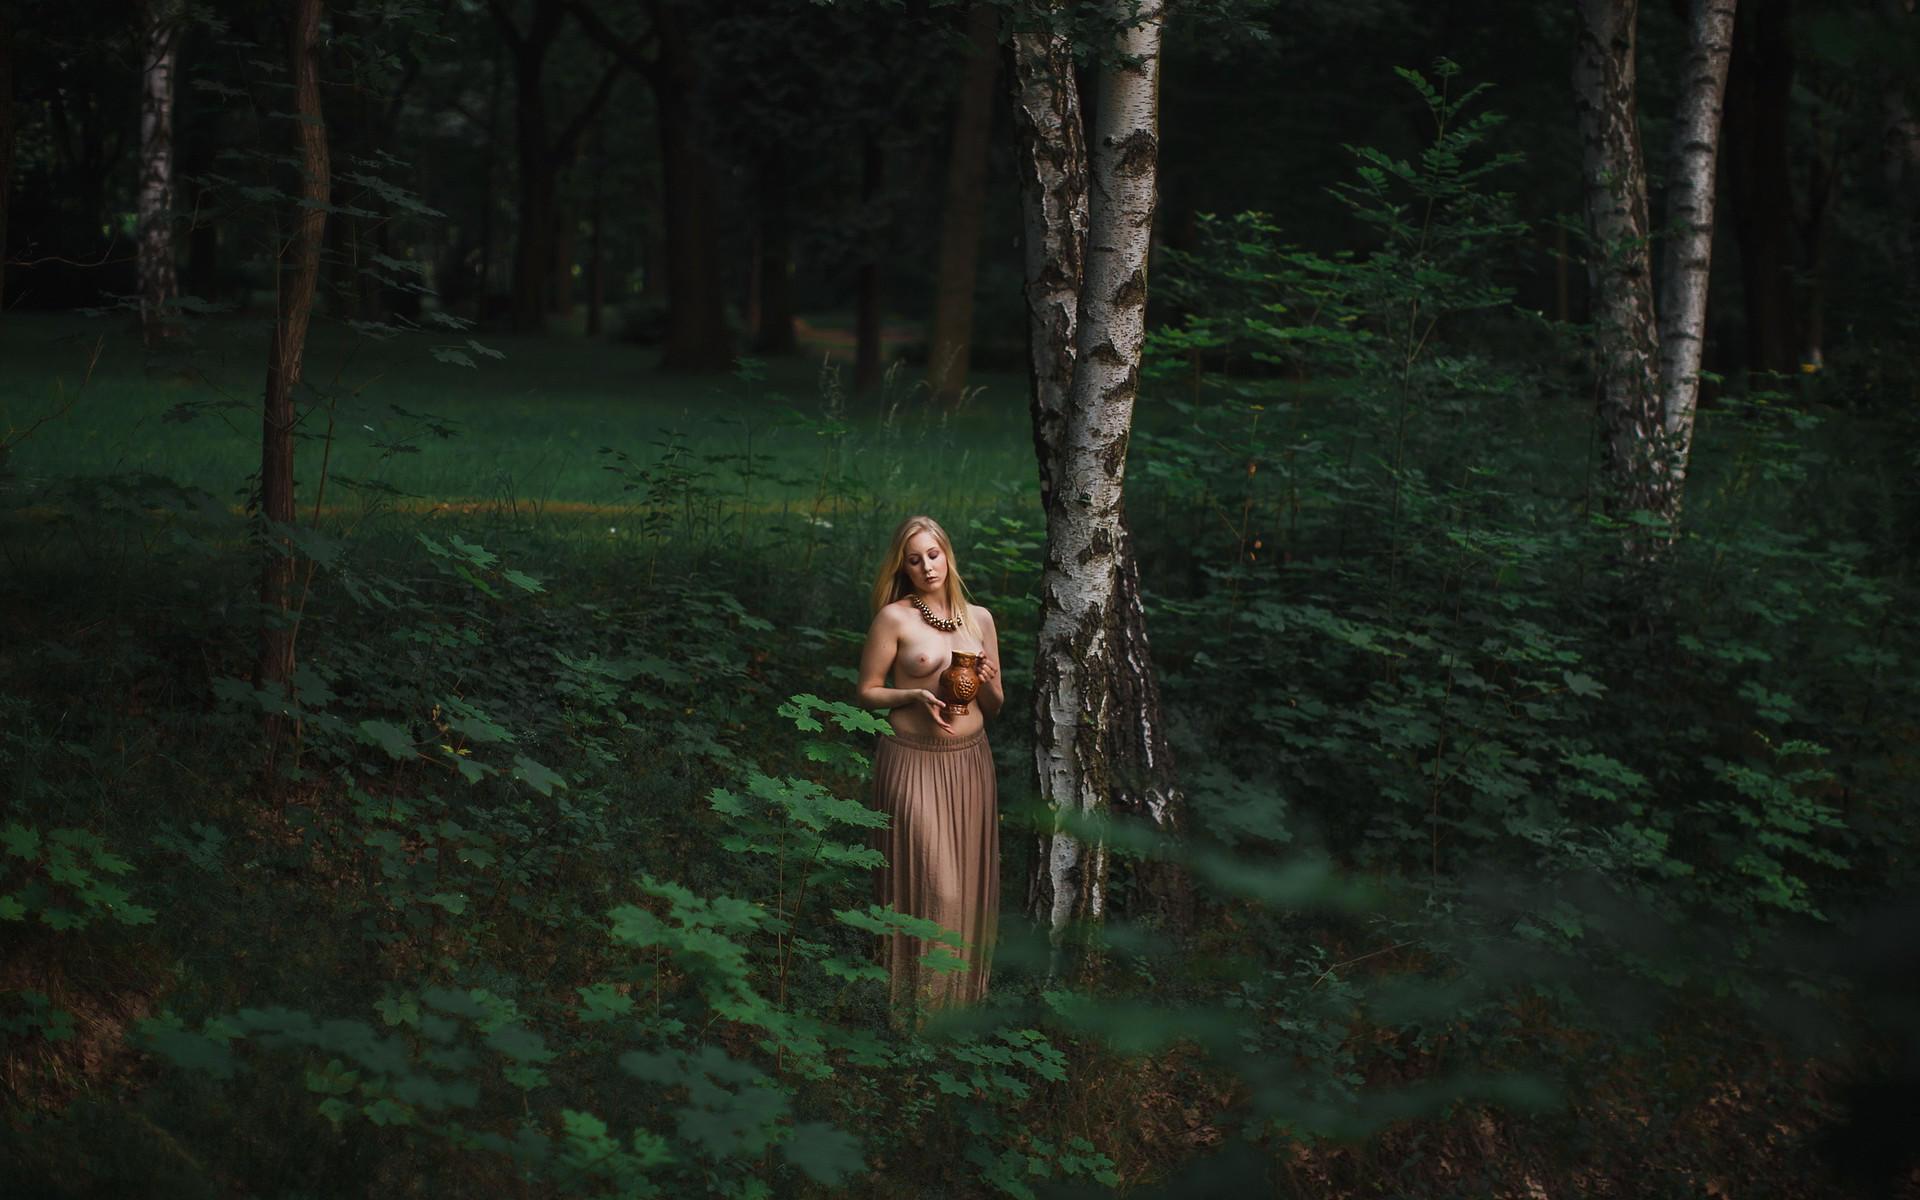 Женщина в березовом лесу